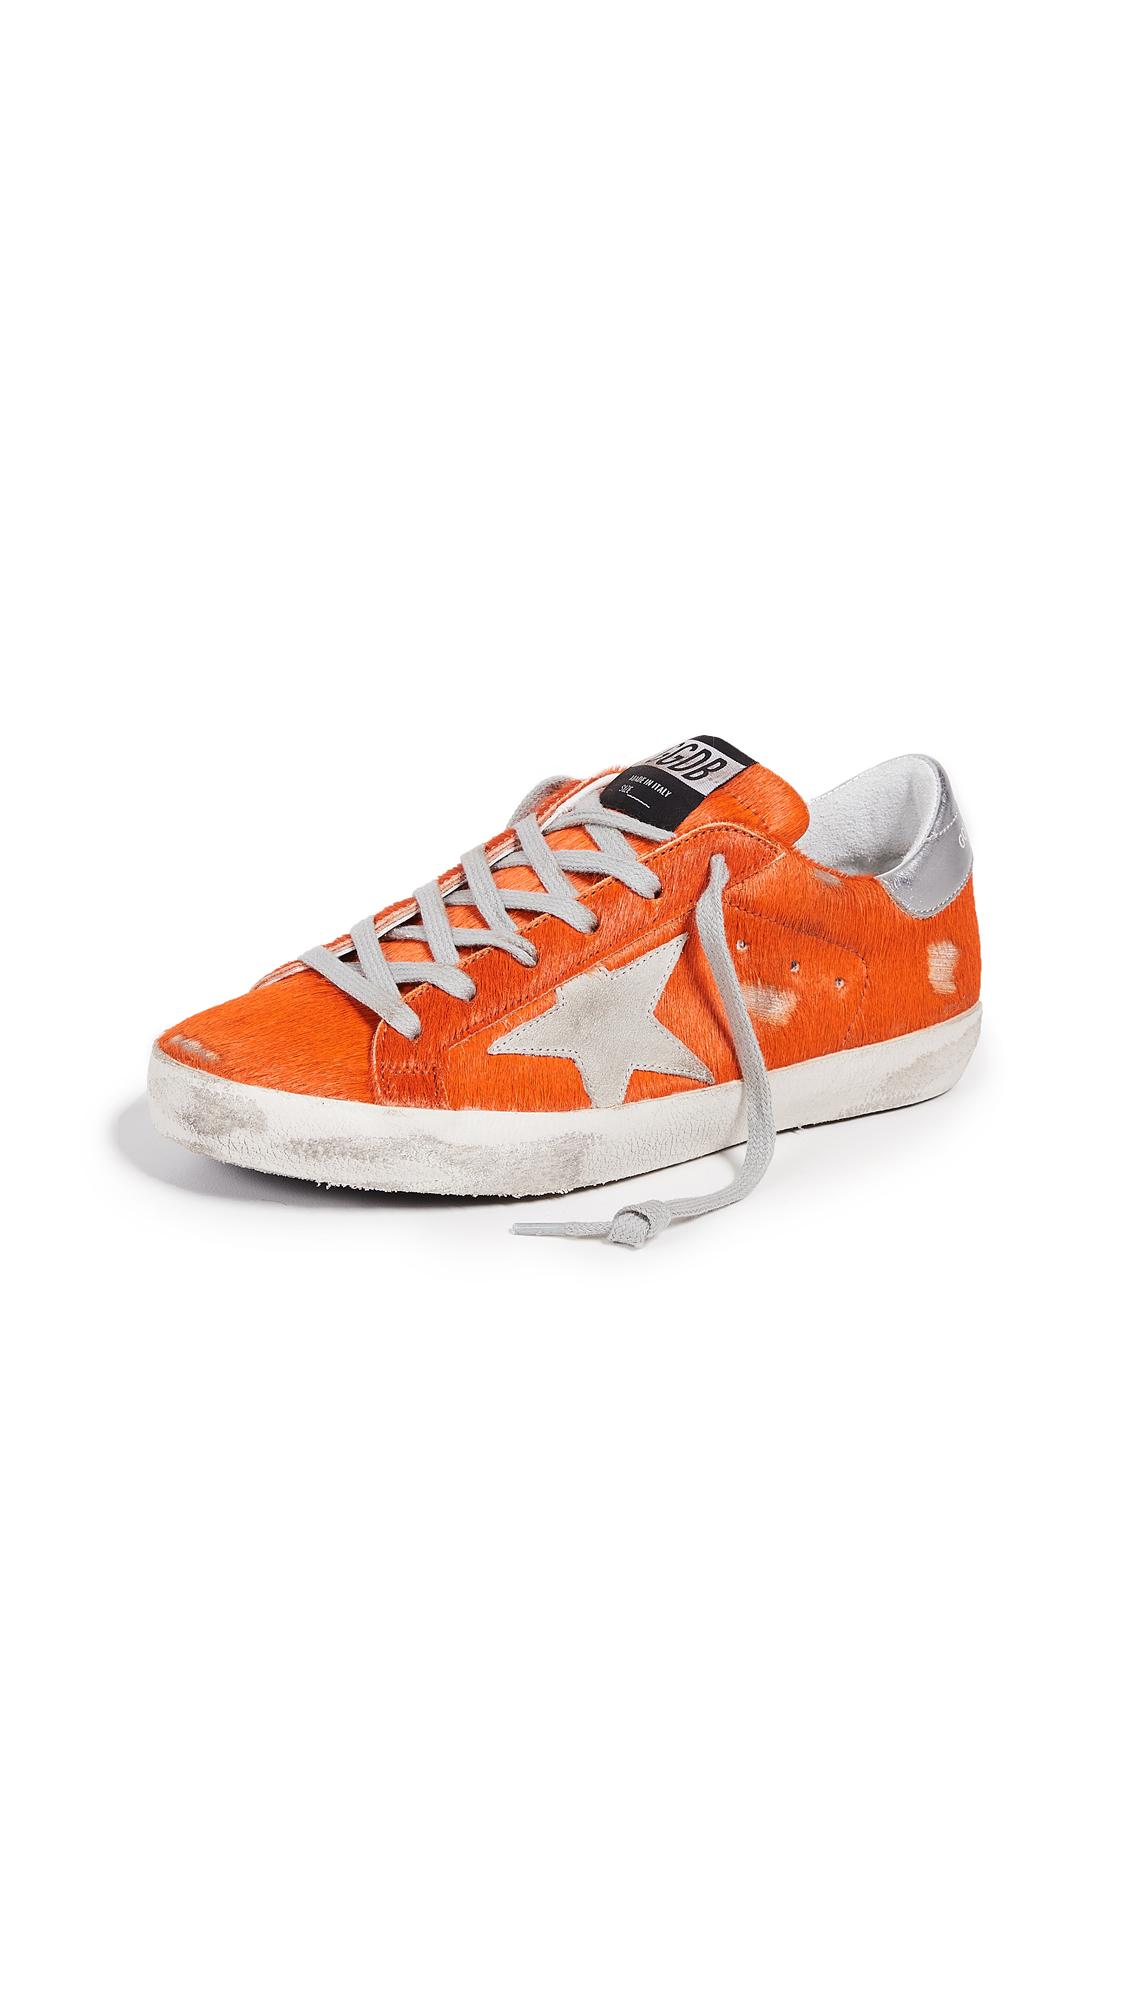 Golden Goose Superstar Sneakers - Orange/Ice